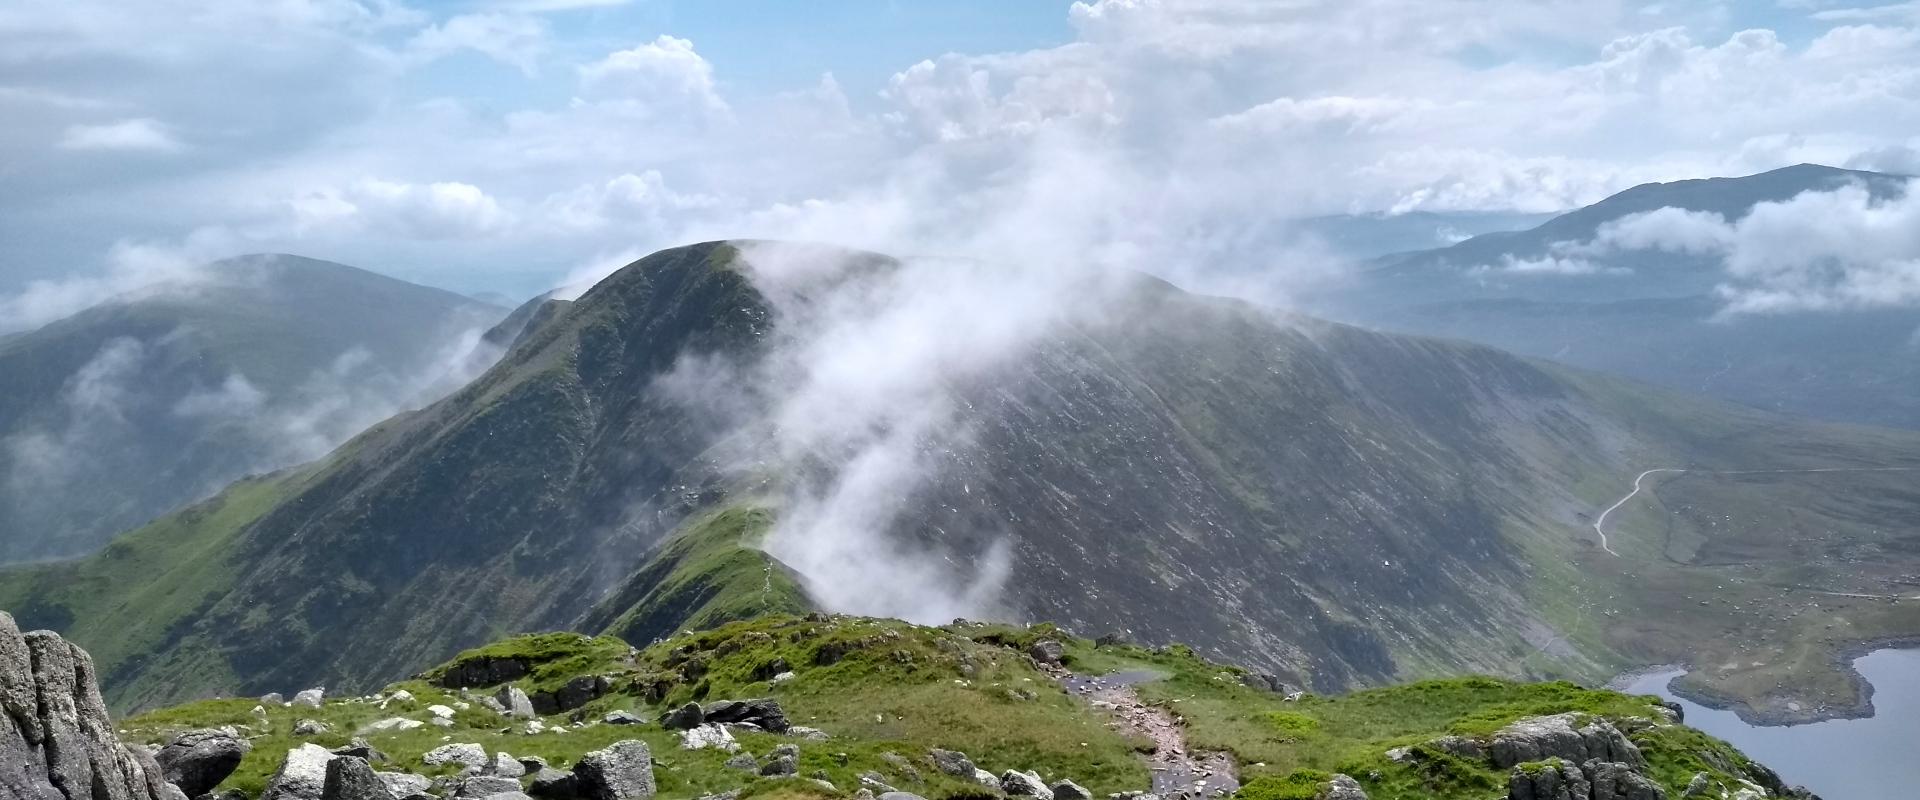 Peaks of Carneddau & Moel Siabod